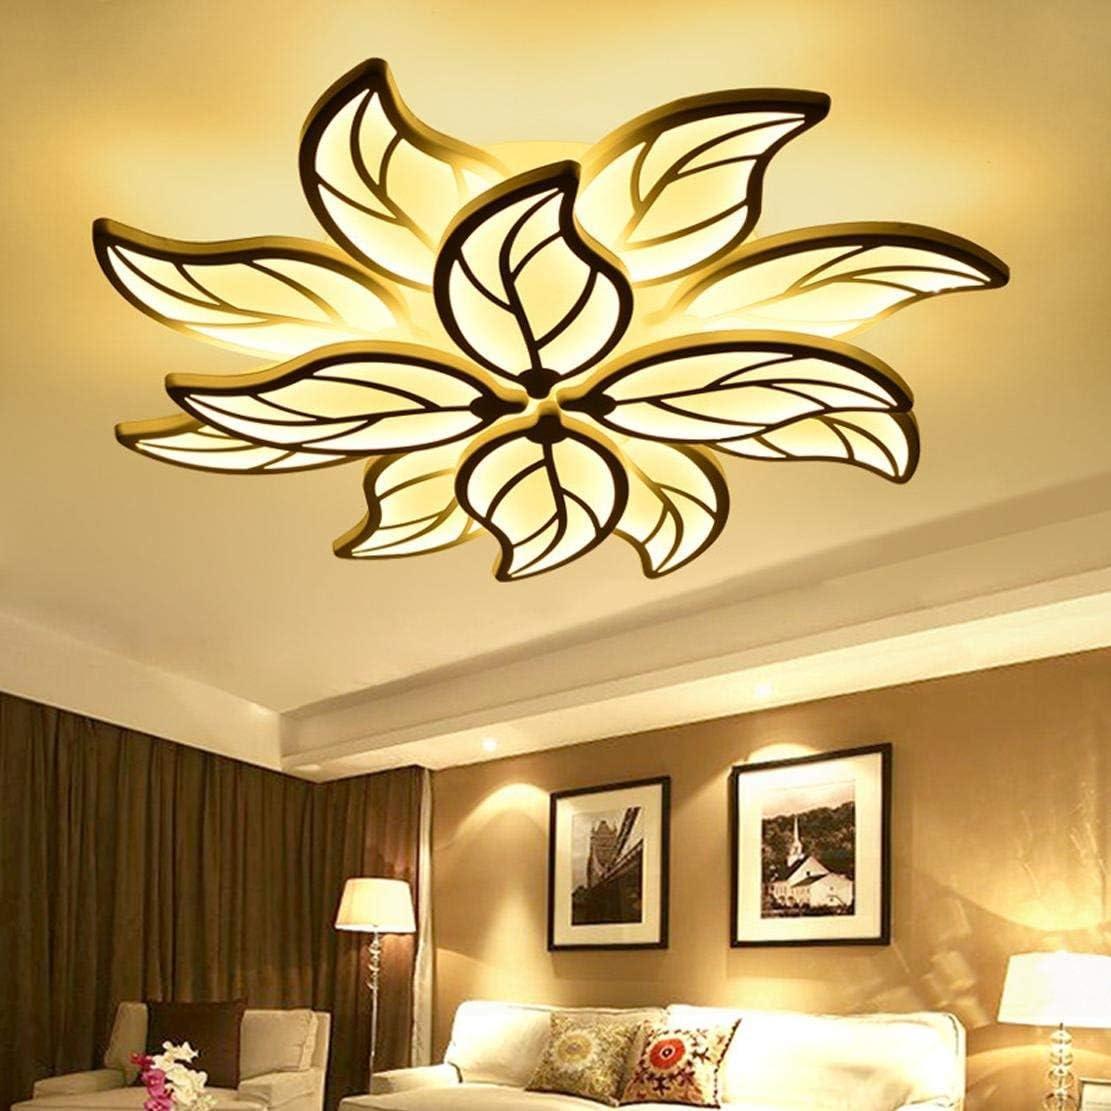 LED Deckenleuchte Wohnzimmerlampe Moderne Kunst Designer-Lampe Kreativ  Metall Acryl Blattform Romantisch und warm Decke Leuchte Deckenlampe